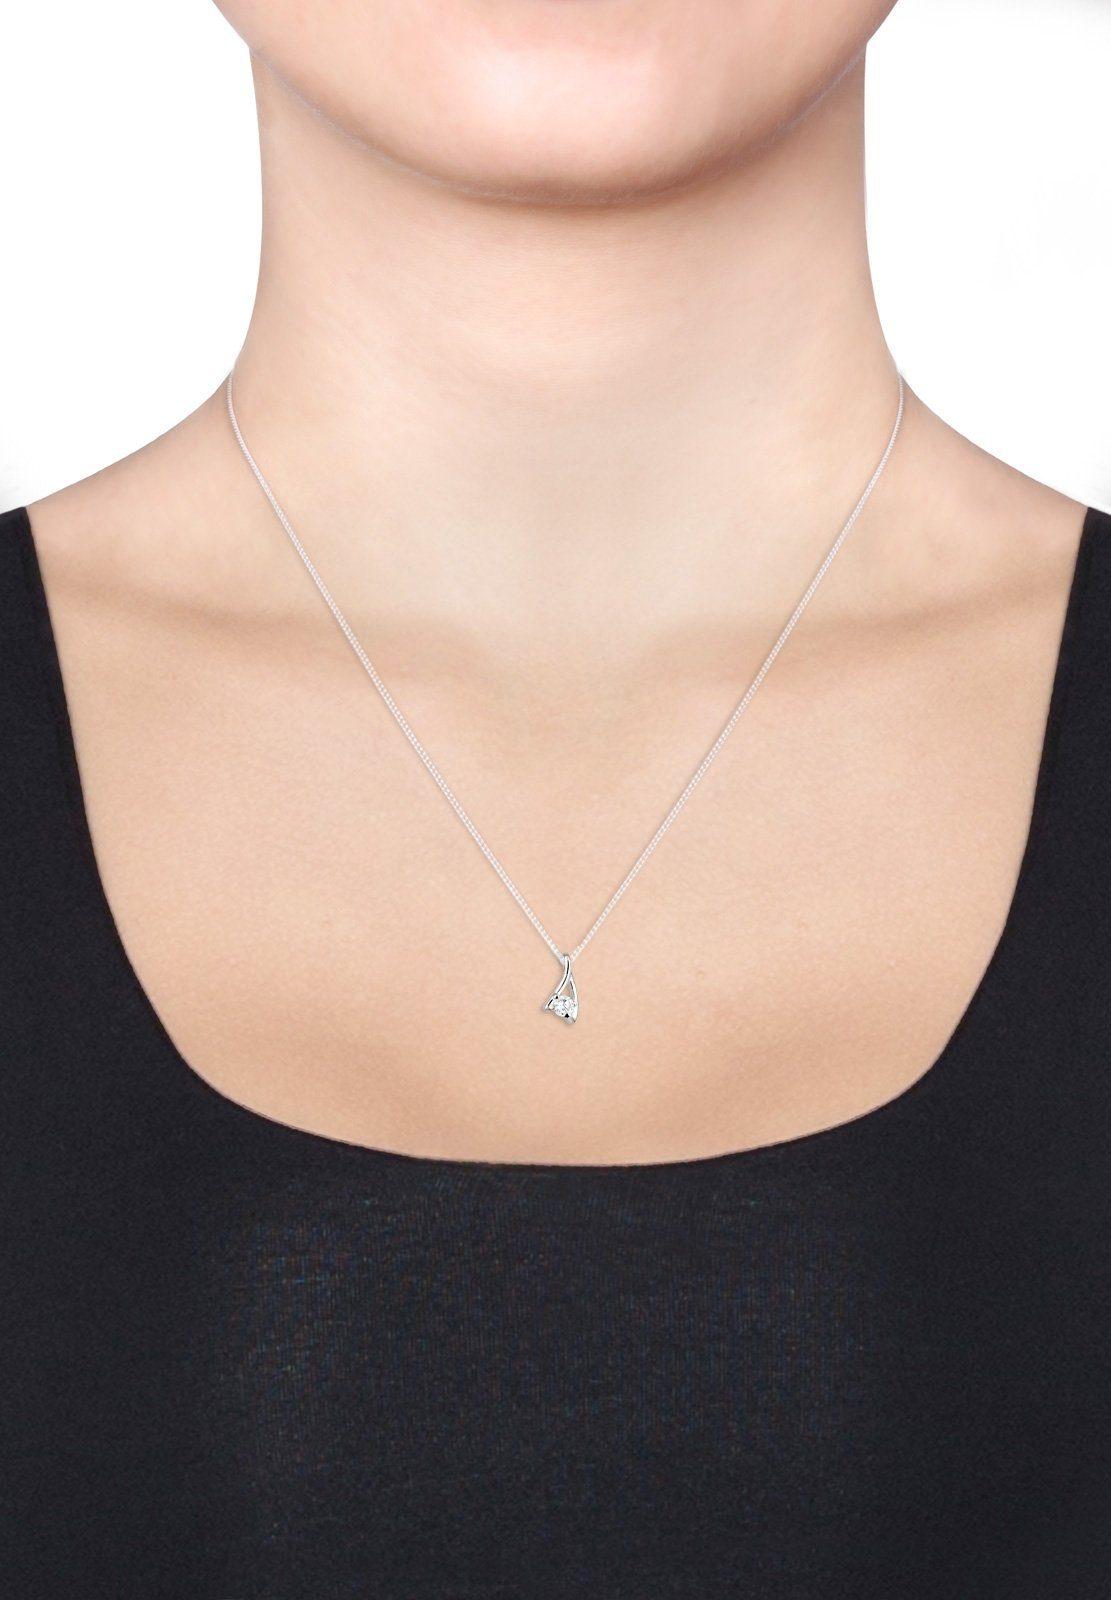 Kaufen »solitär Zirkonia Halskette Klassisch Elli Silber« 925 Online nm8vwN0Oy